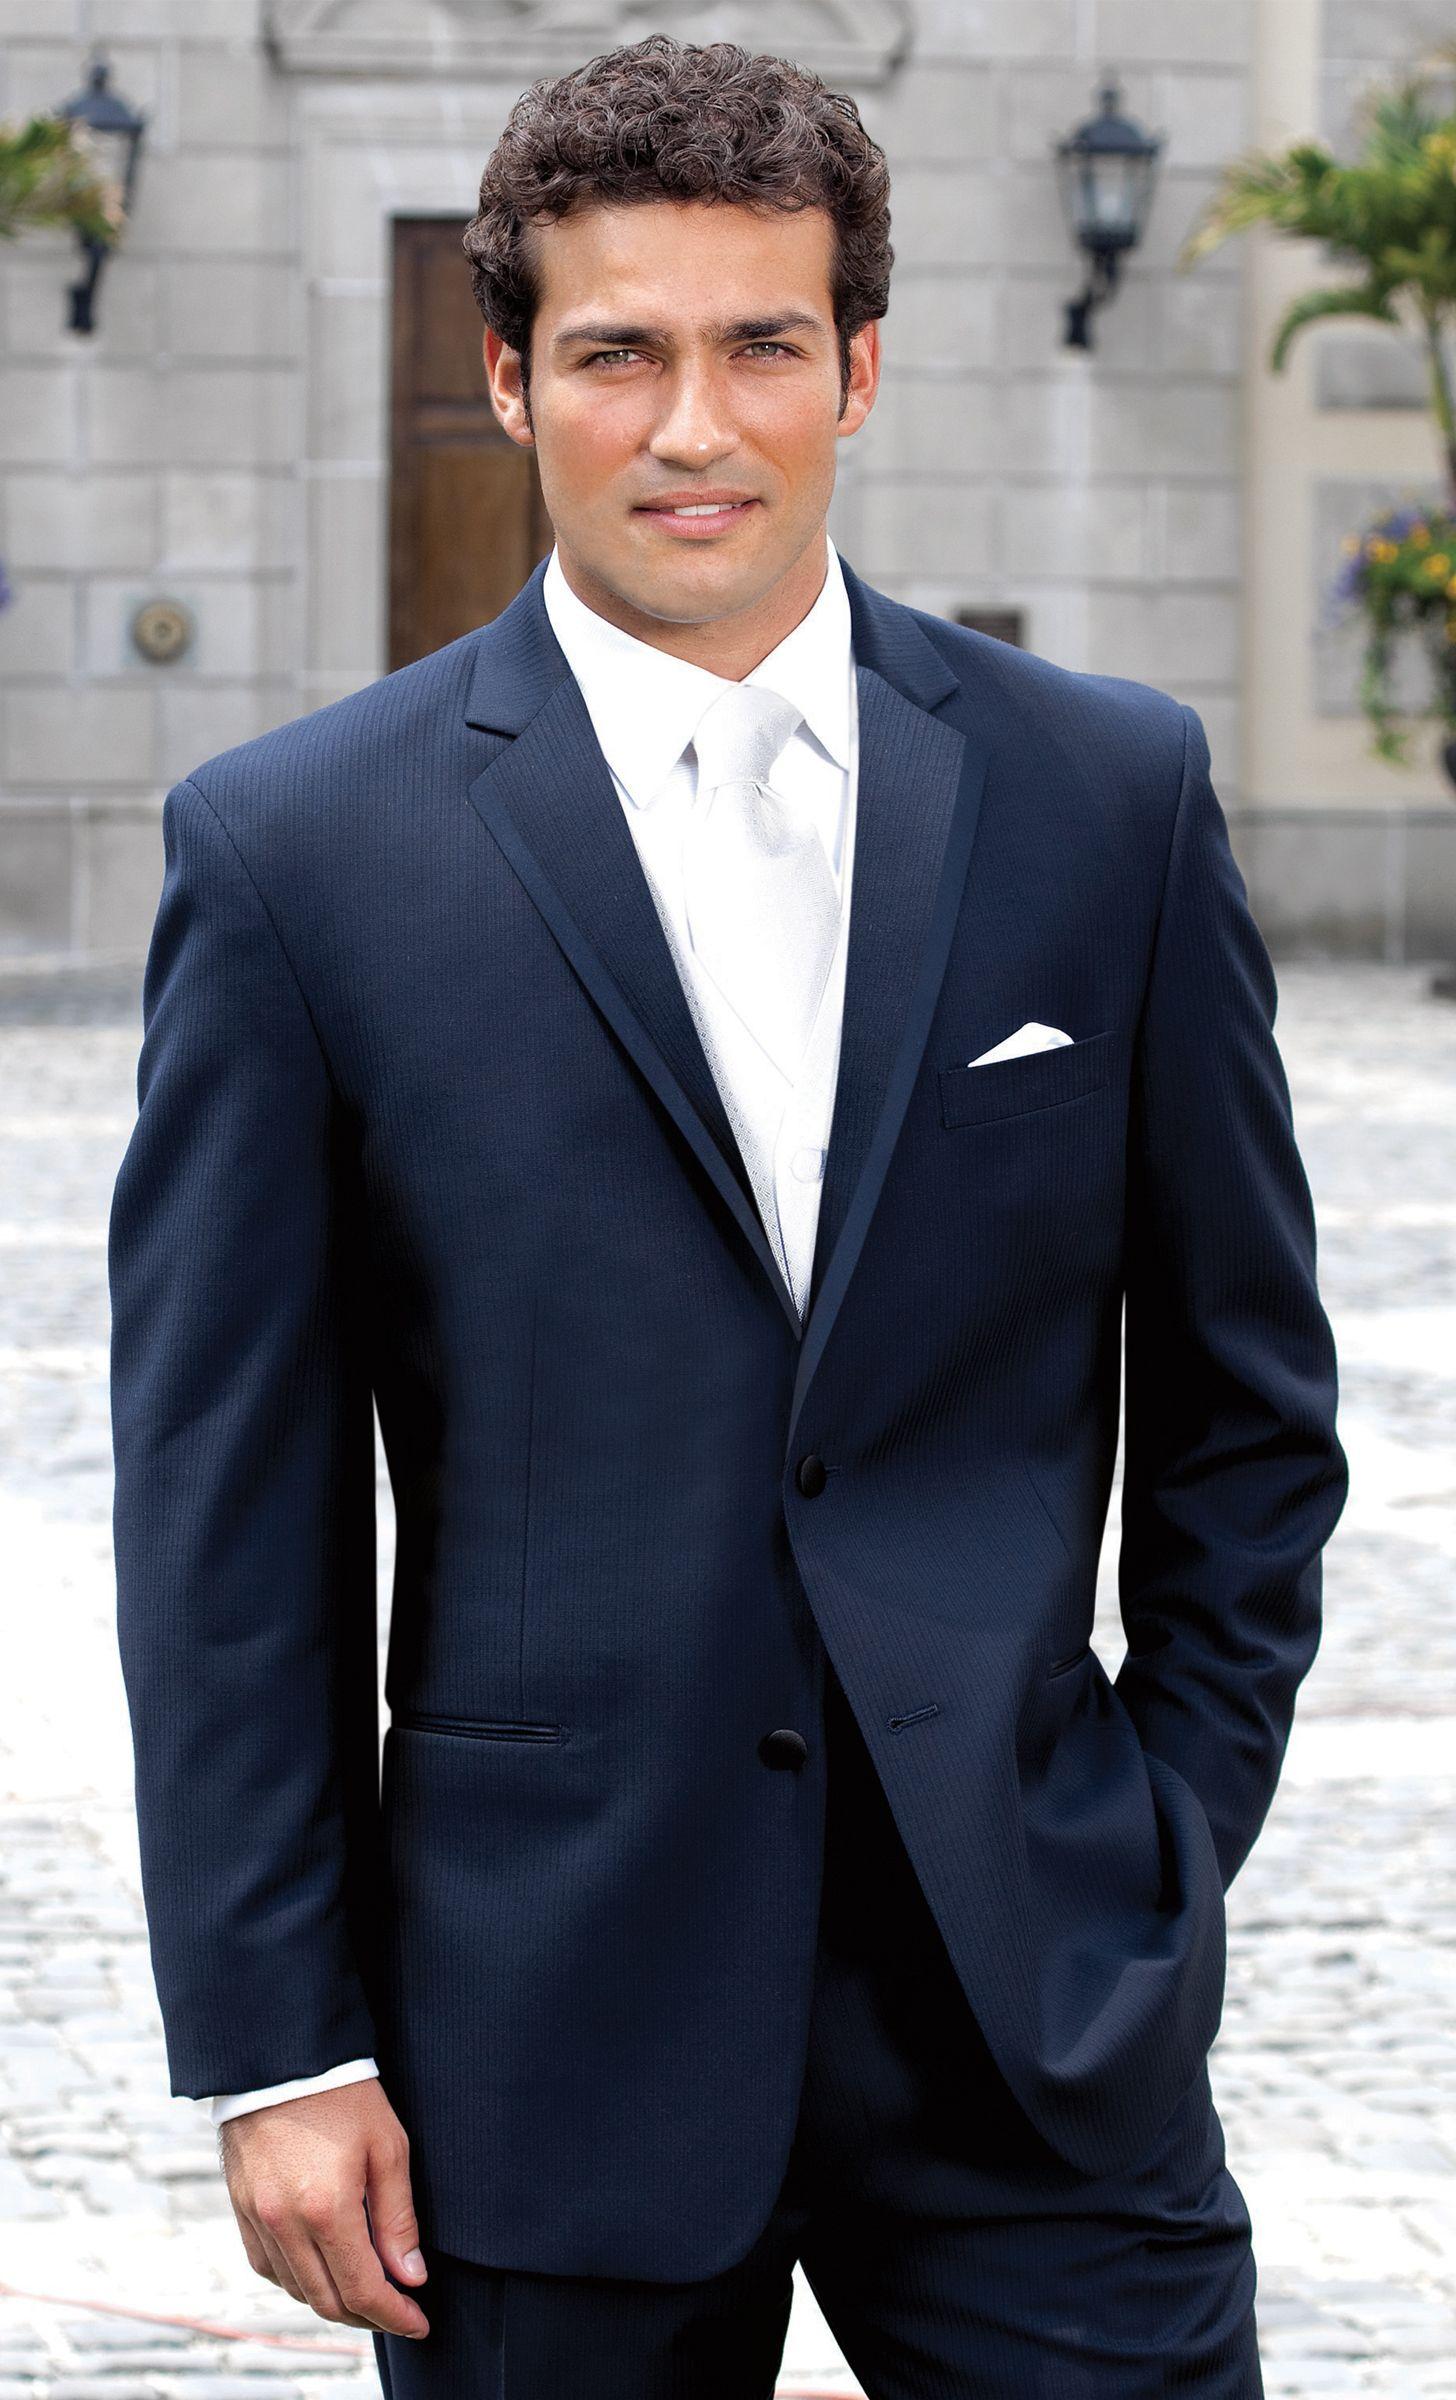 Navy Kingston Tuxedo For The Groom